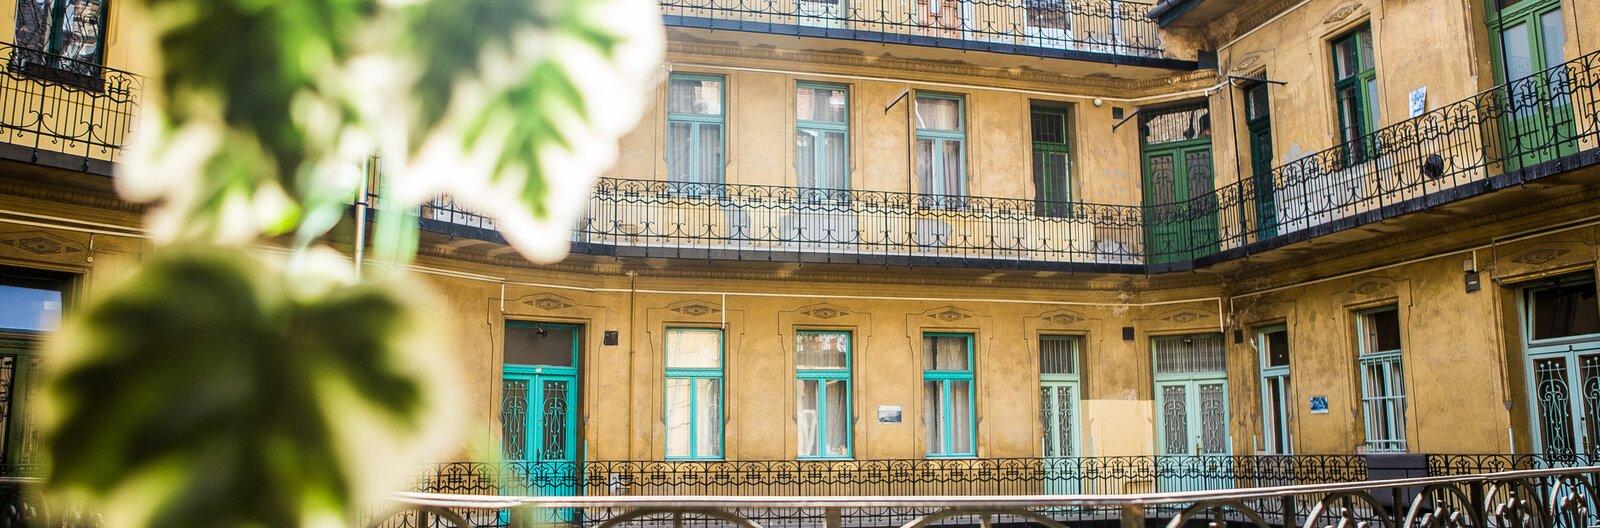 Nyitott házak, koncertek, séták, előadások, játékok, piknikek – hétvégén újra Budapest100